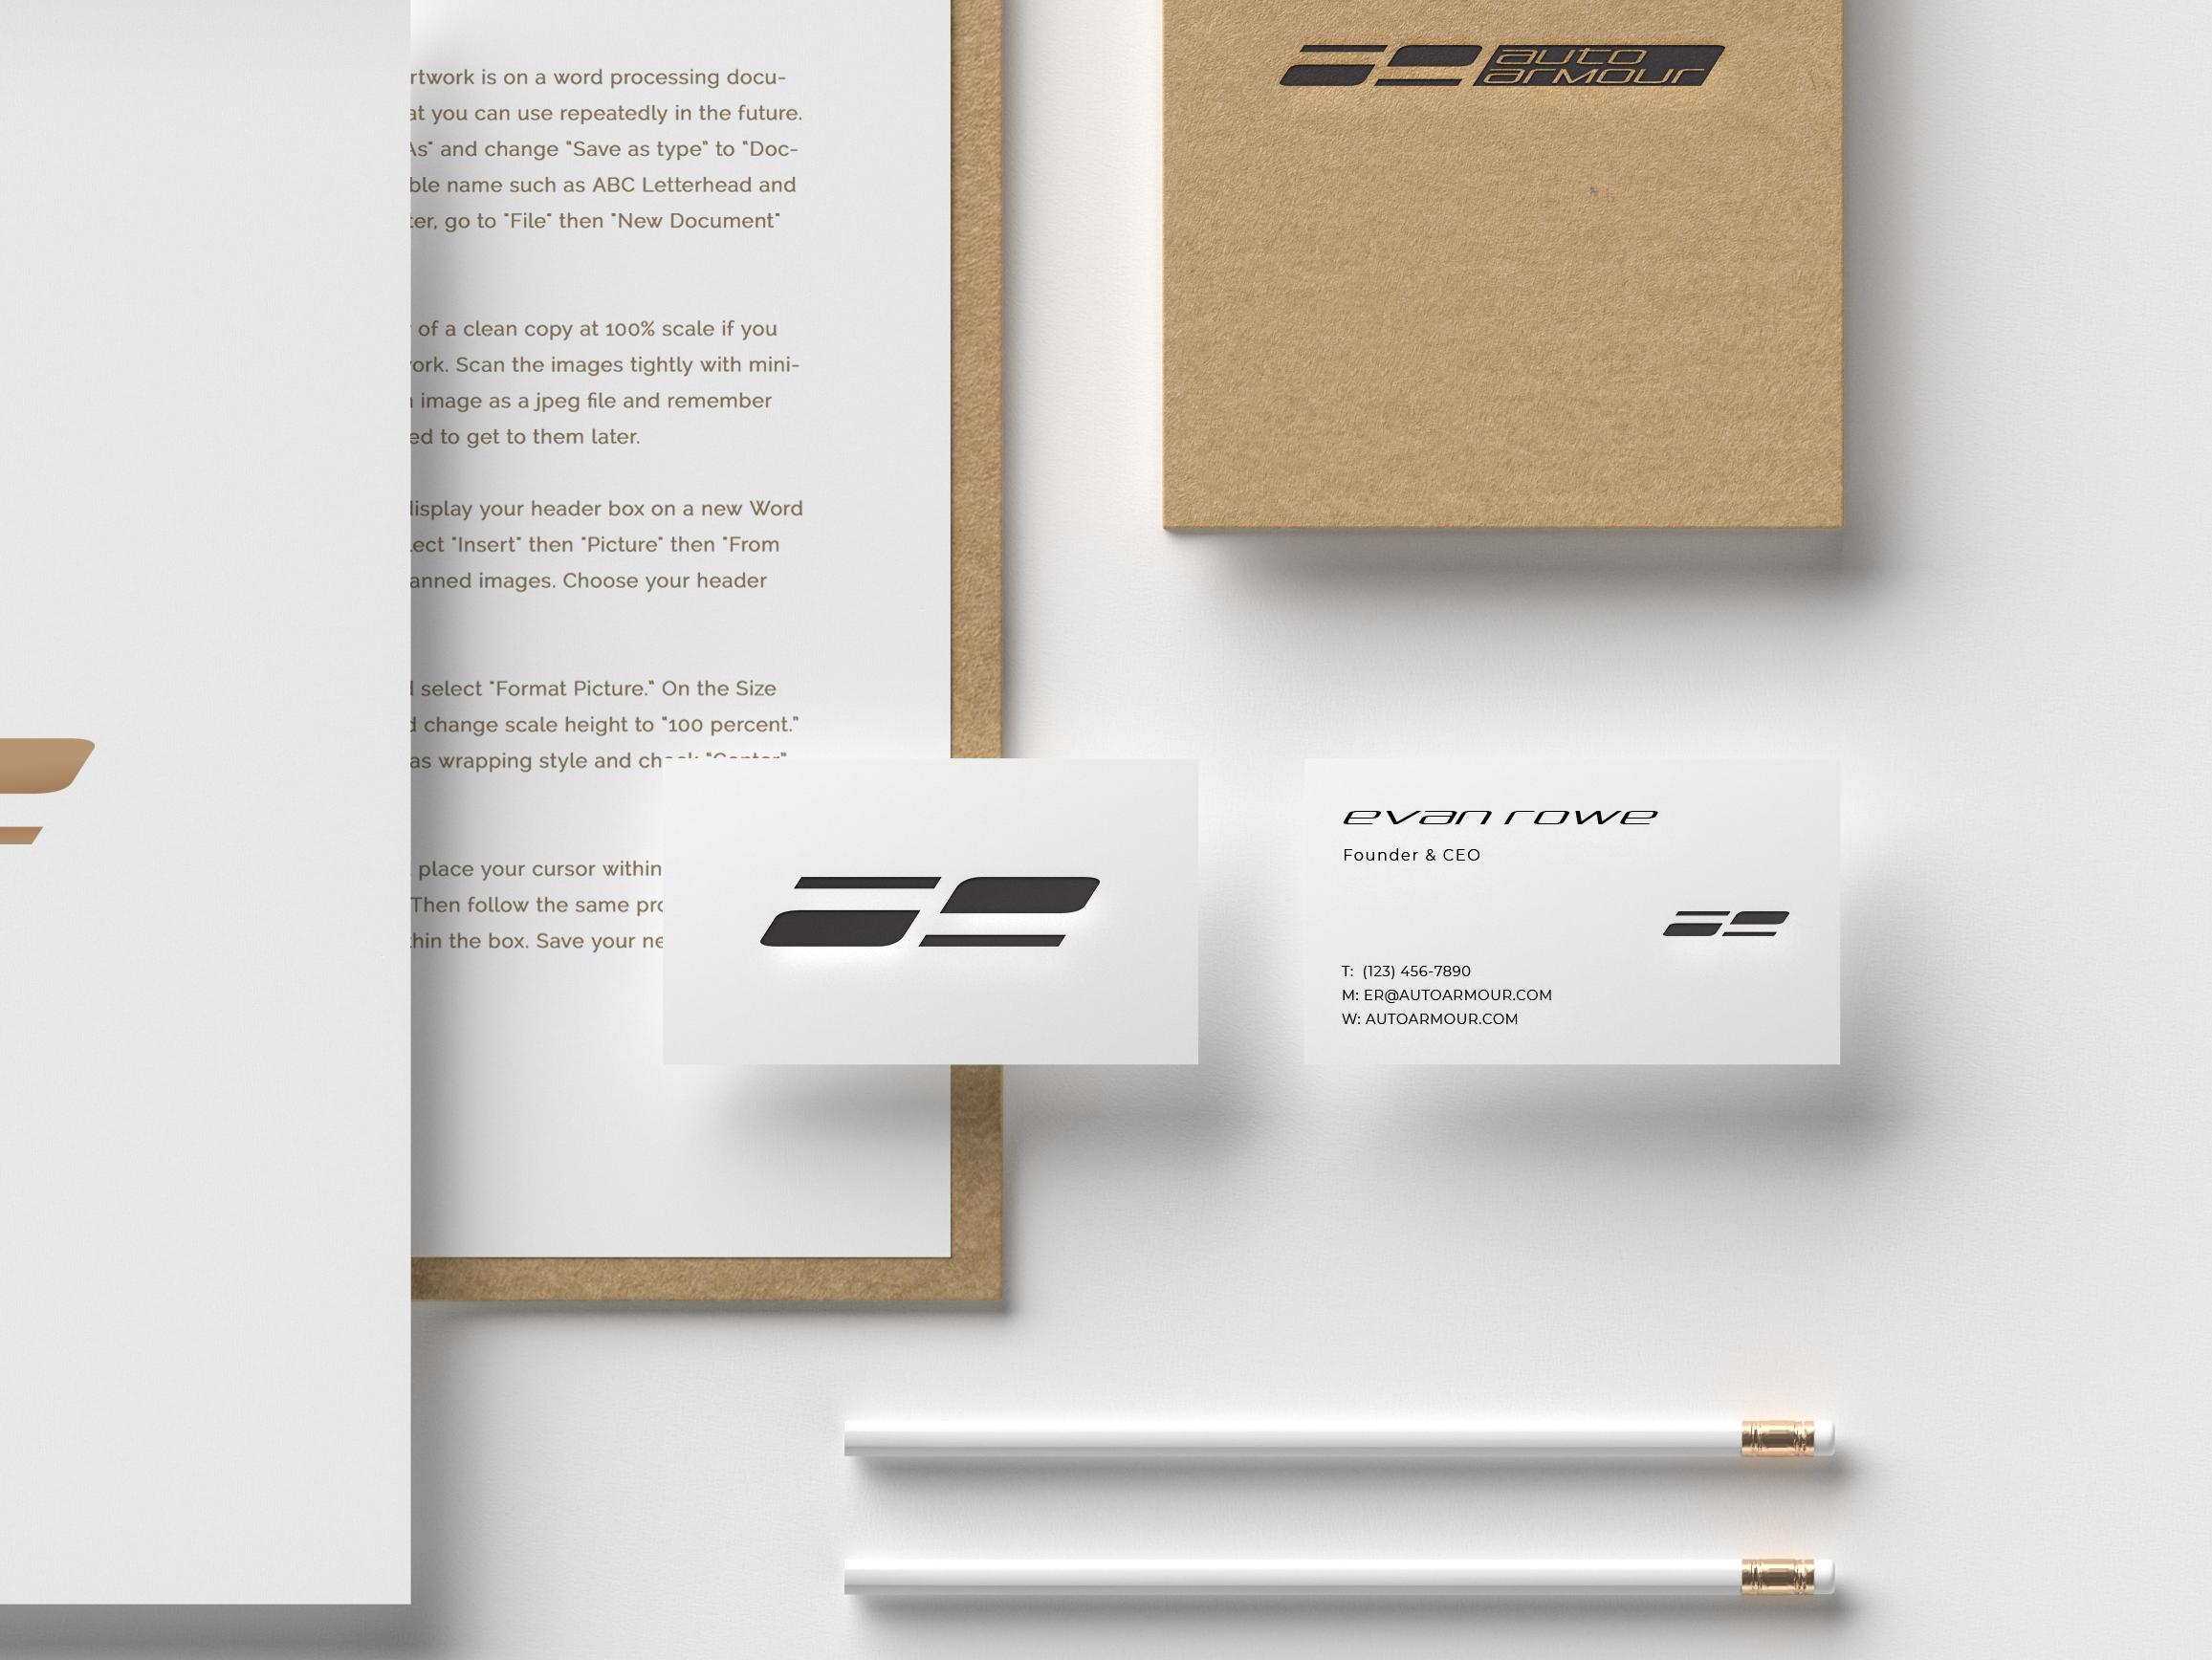 https://trpeskidesign.com/project/autoarmour/